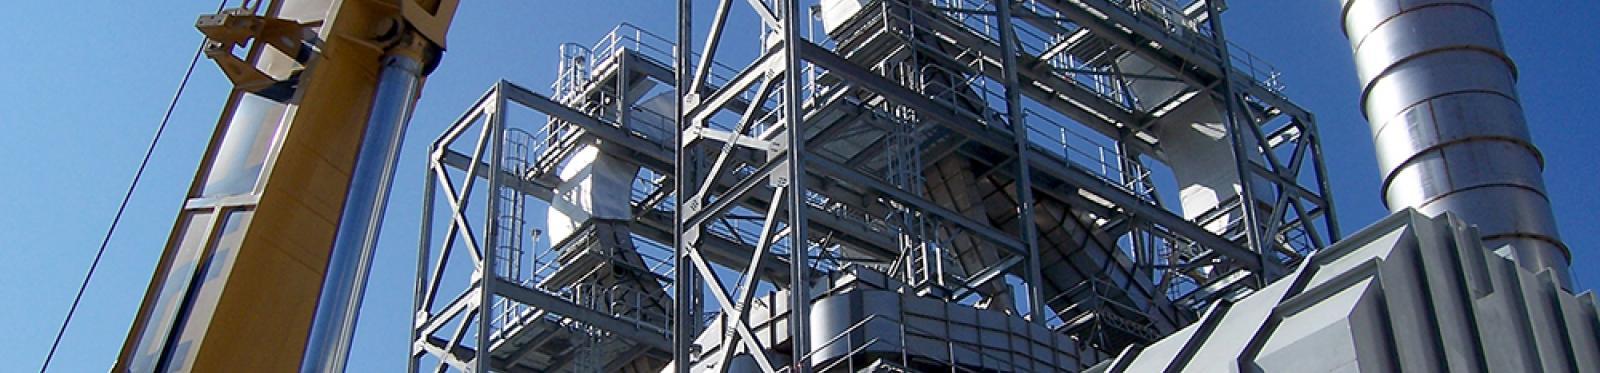 Altra Ethanol Plant